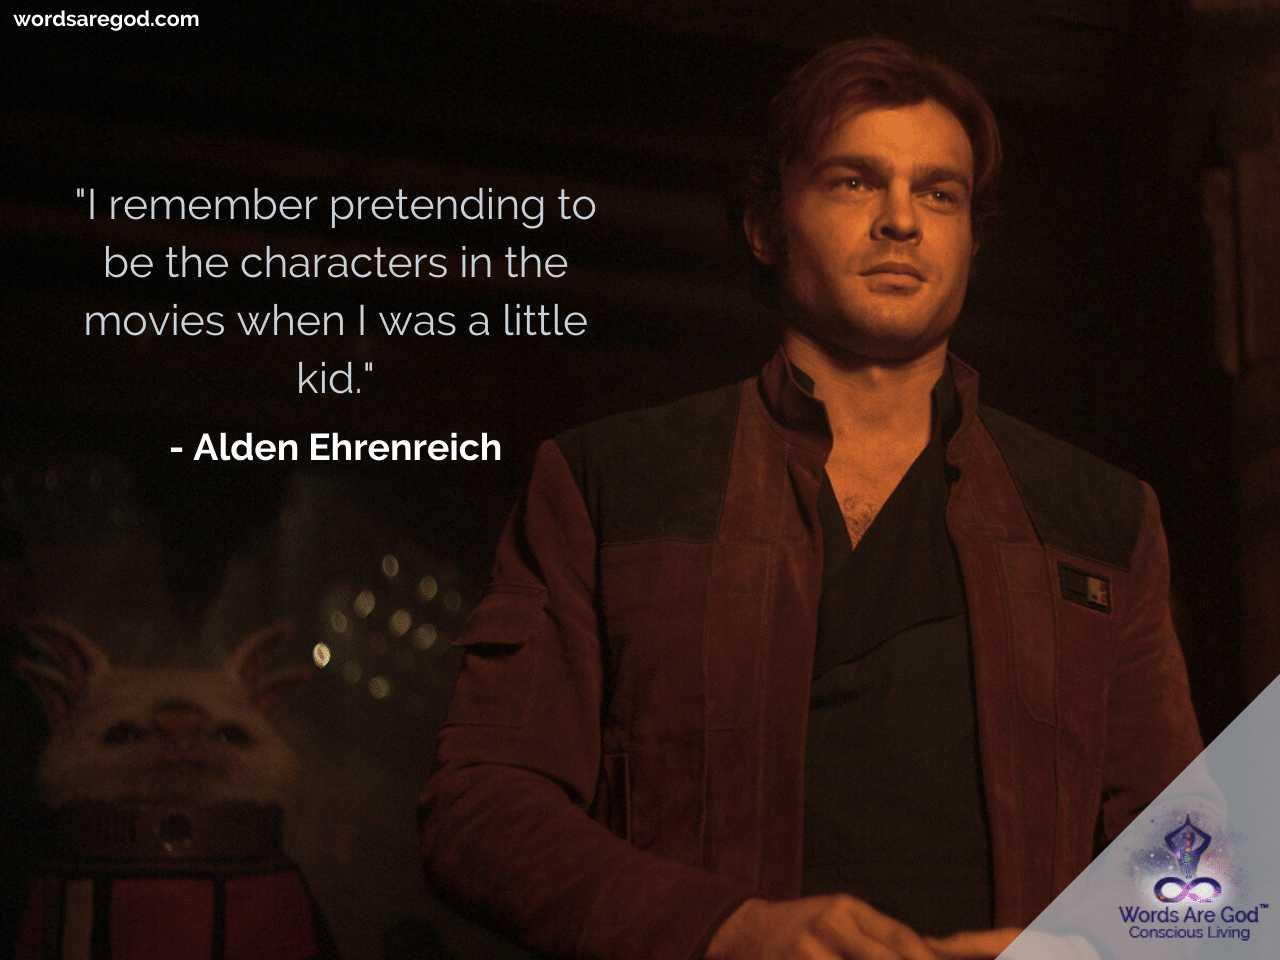 Alden Ehrenreich Life Quotes by Alden Ehrenreich